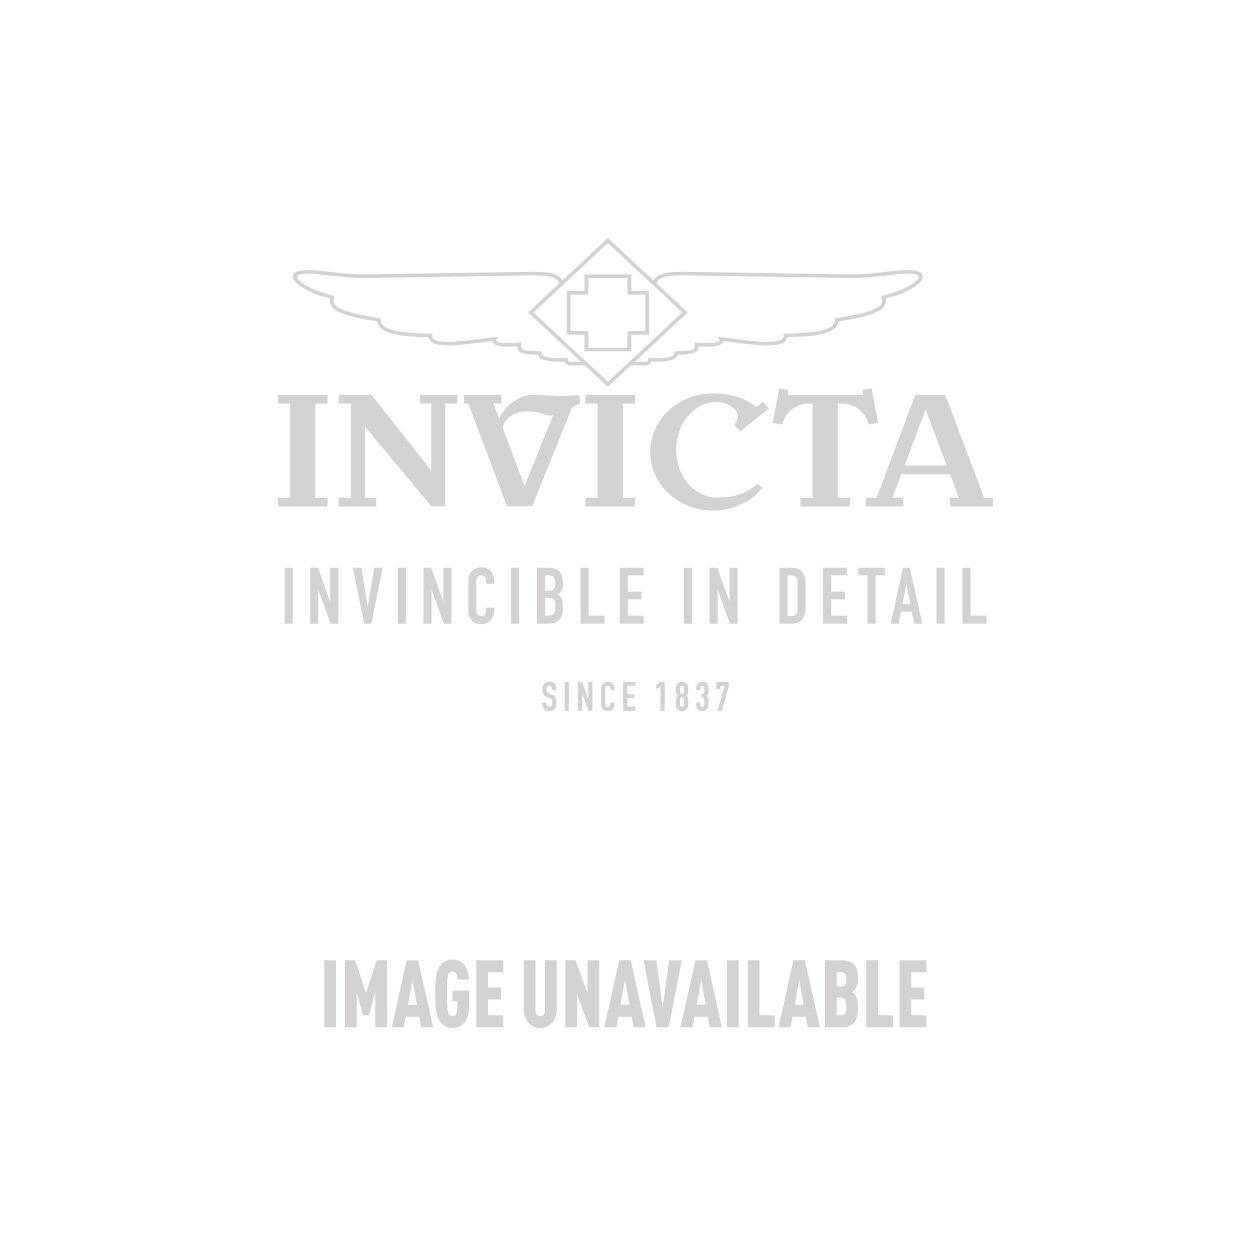 Invicta Model 25307